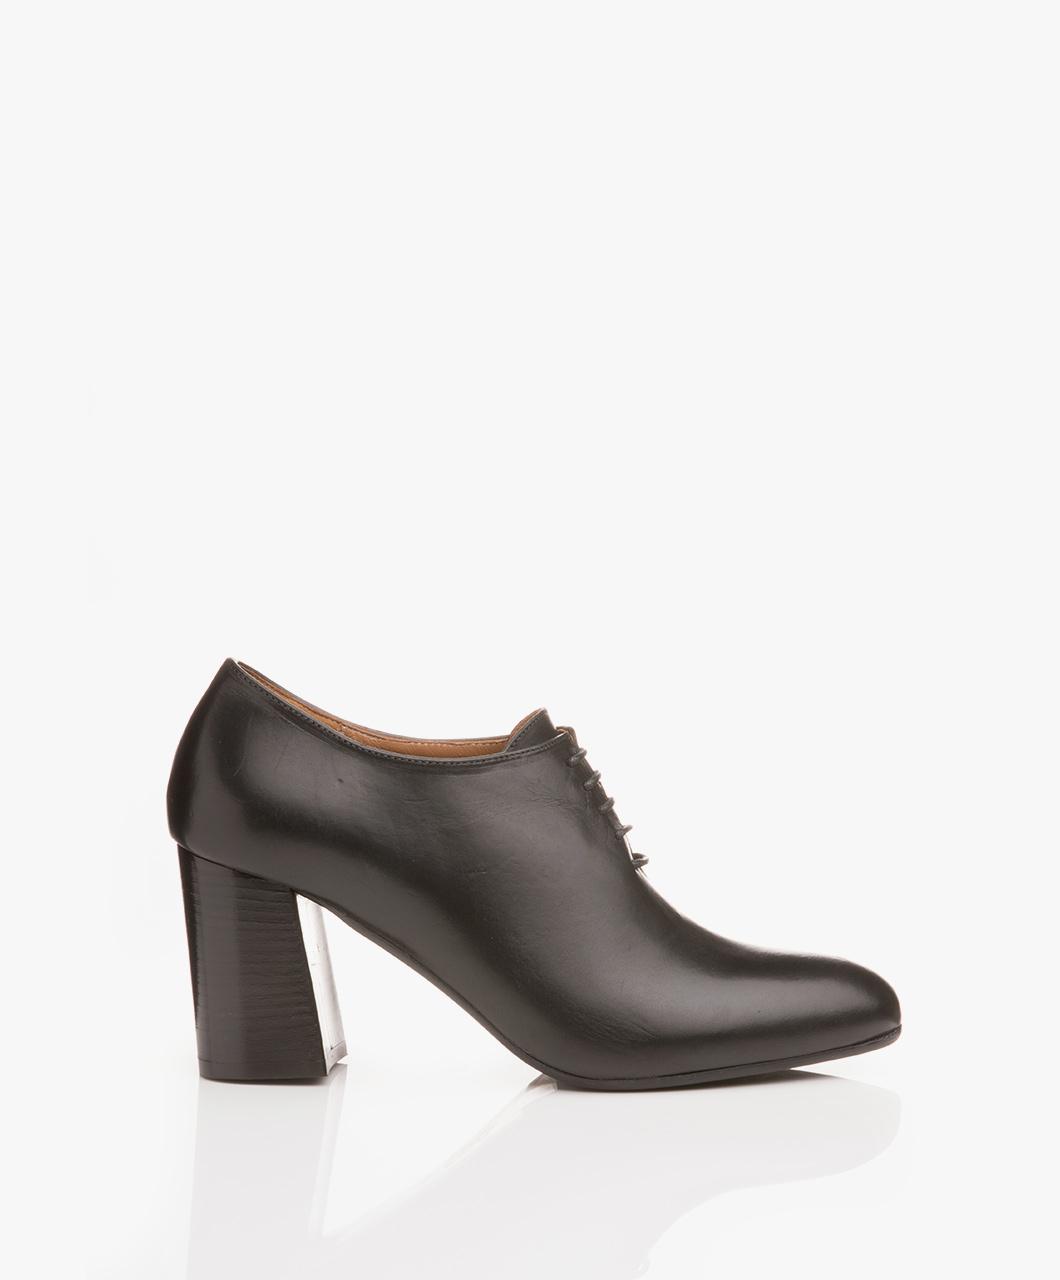 Immagine di ATP Atelier Boots Black Vacchetta Rafano Leather Ankle